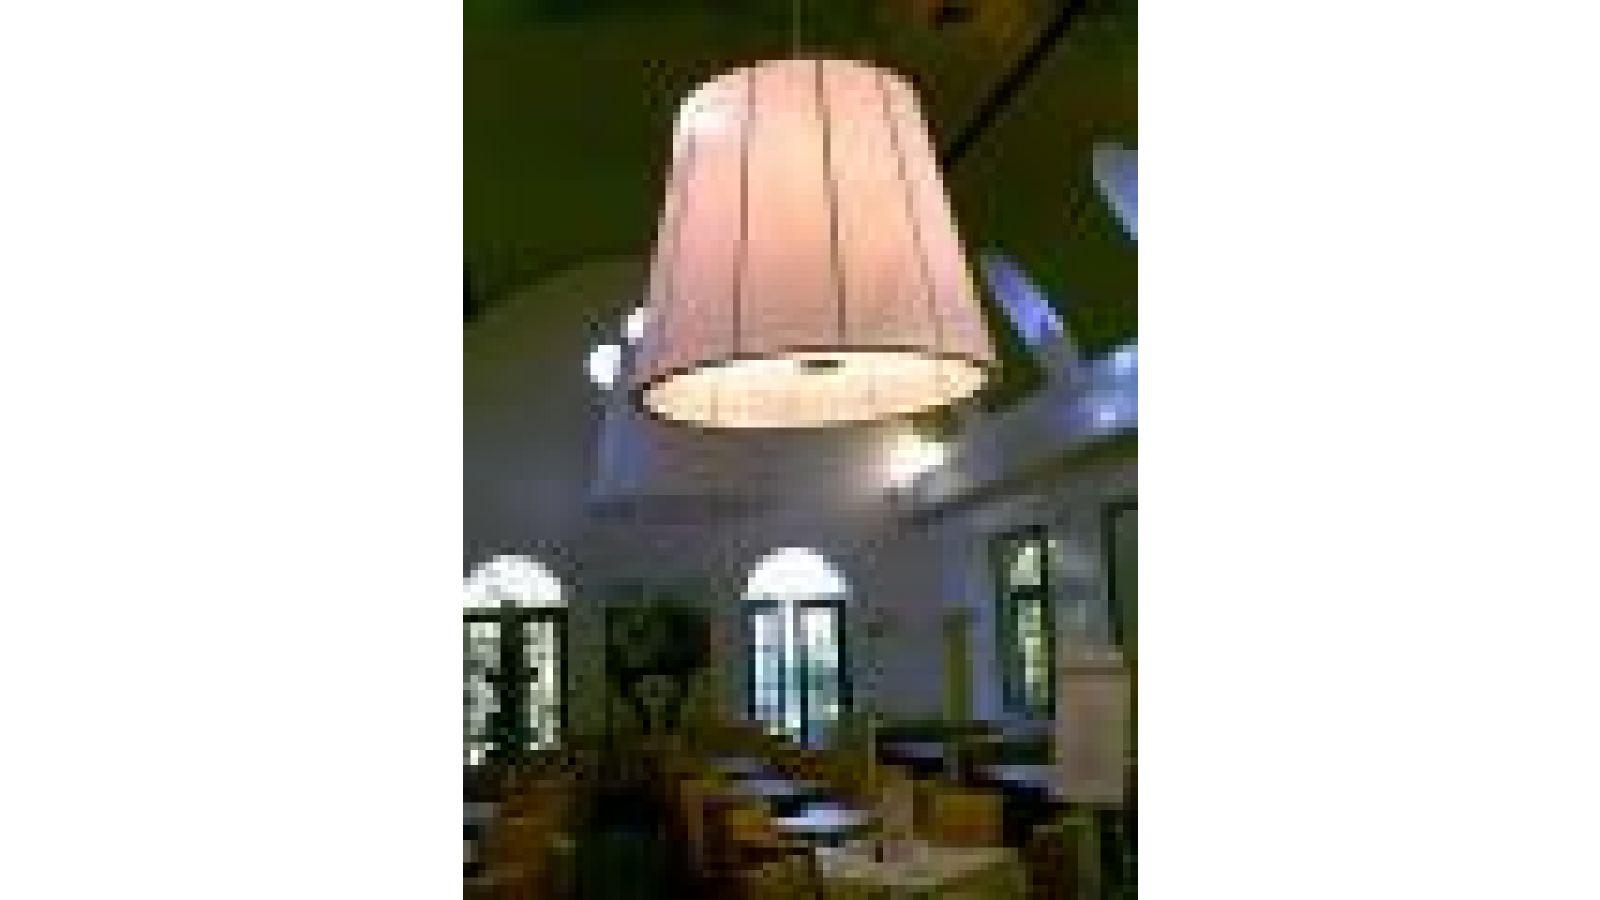 Cafe Lurcat lamps